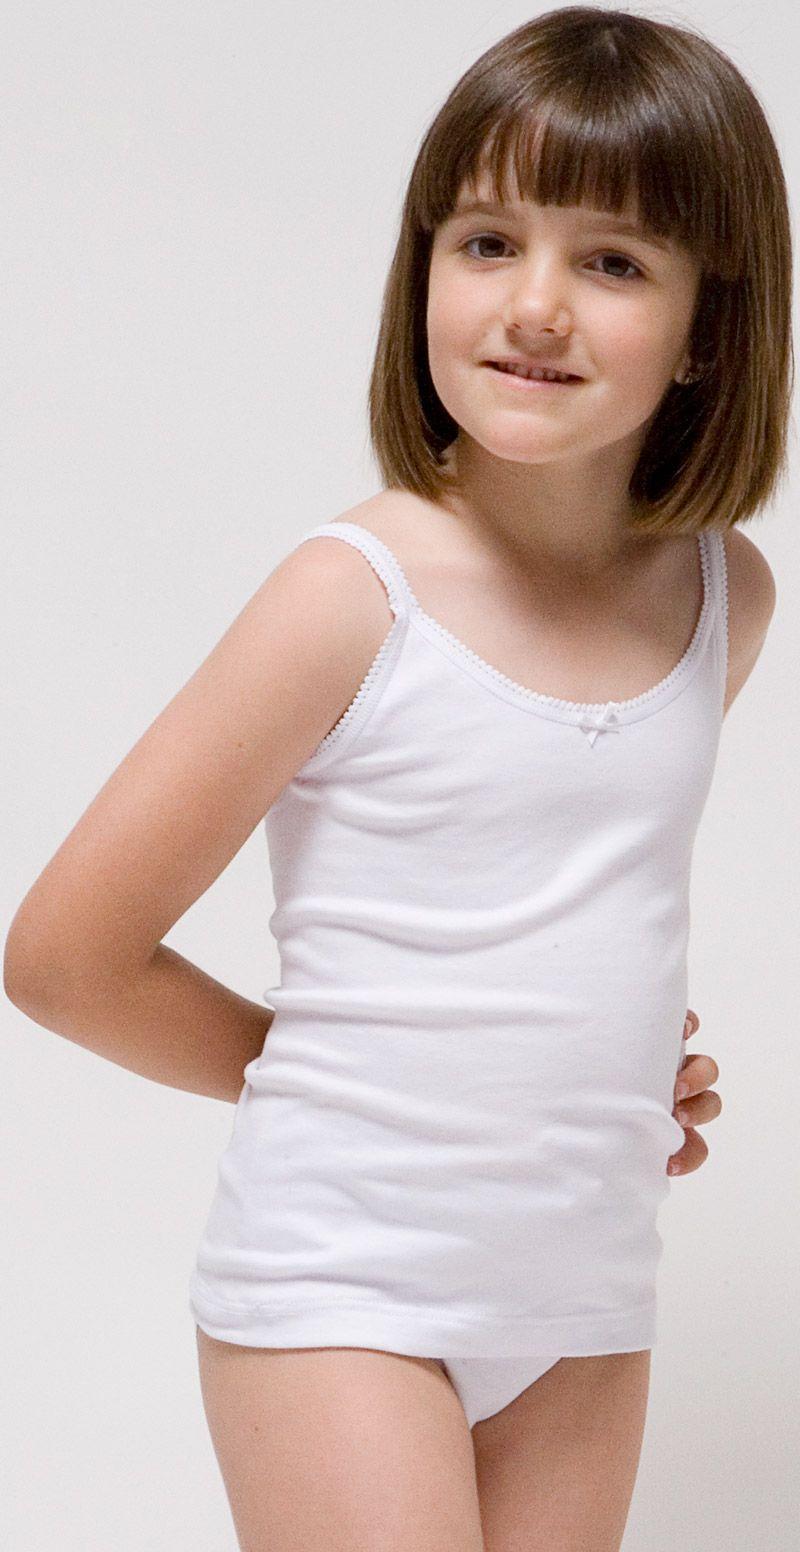 557fe4e63 Camiseta tirante fino para niña Algodón-elastano. Rapife 100% hecho en  España.